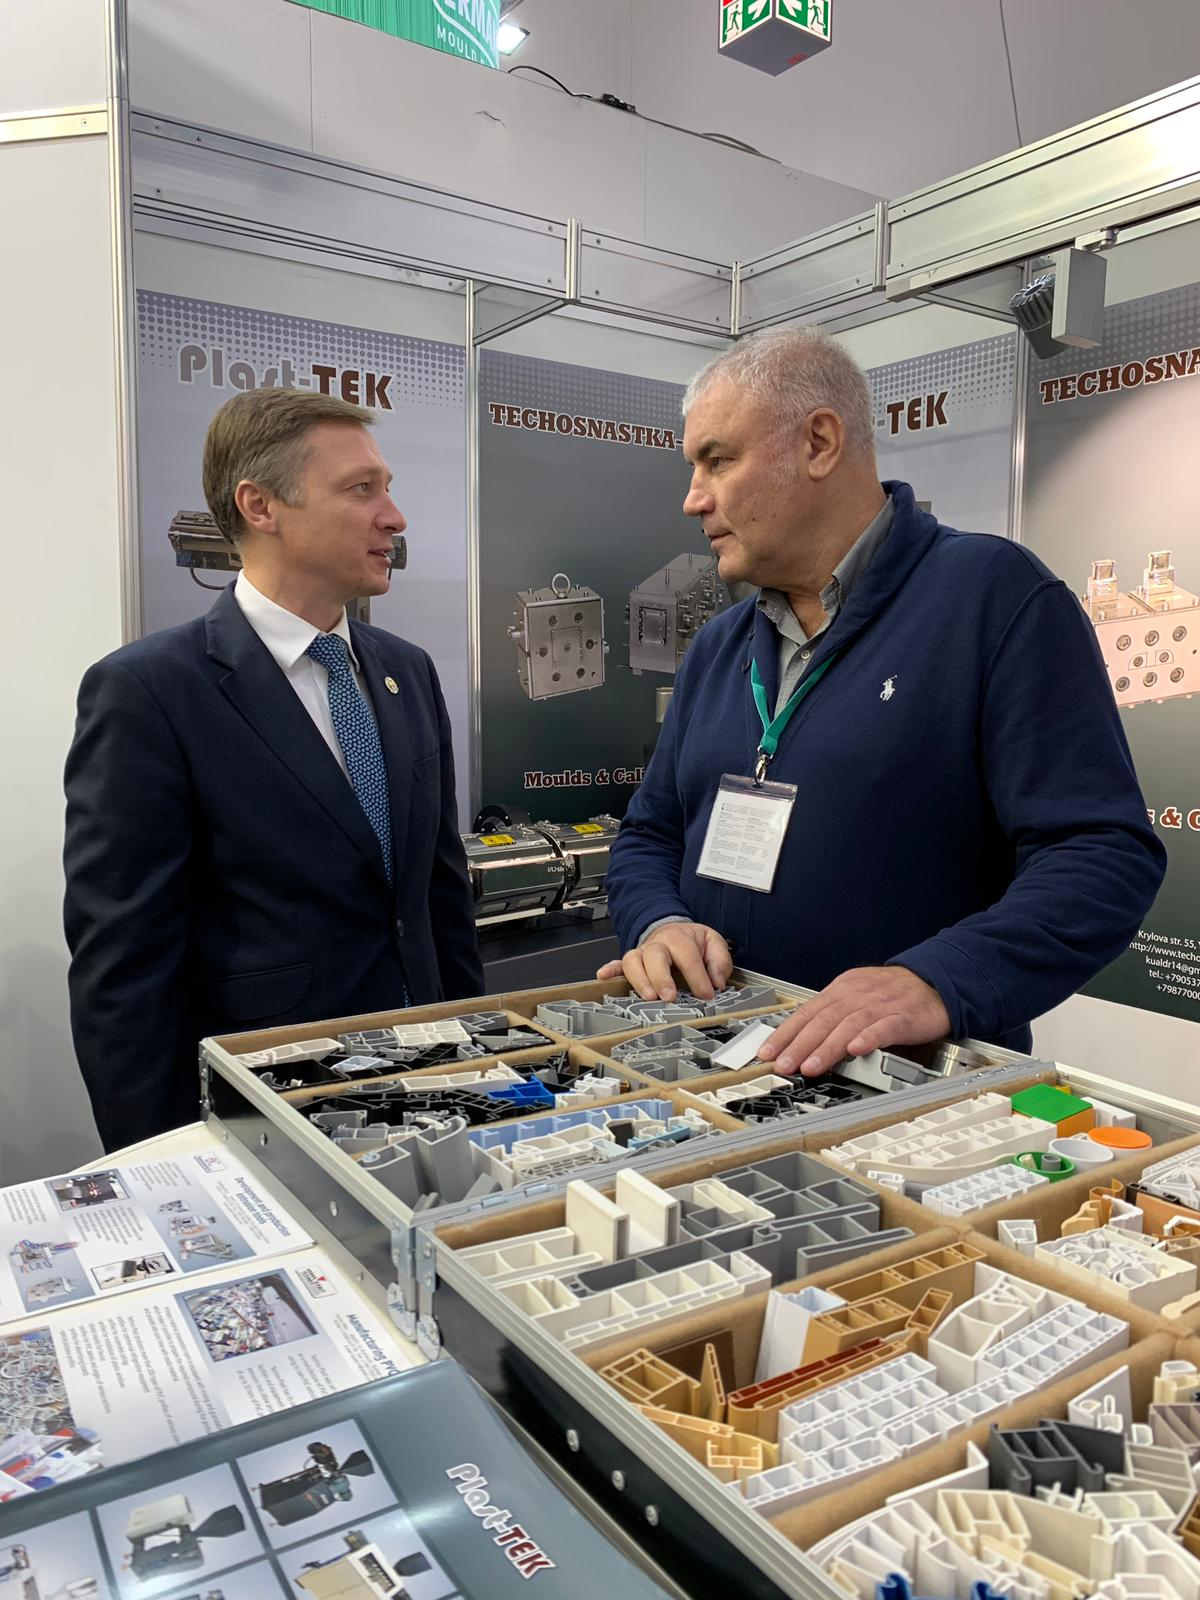 Заместитель Премьер Министра Республики Татарстан Каримов Альберт Анварович посетил наш стенд на выставке K 2019, Messe Dusseldorf